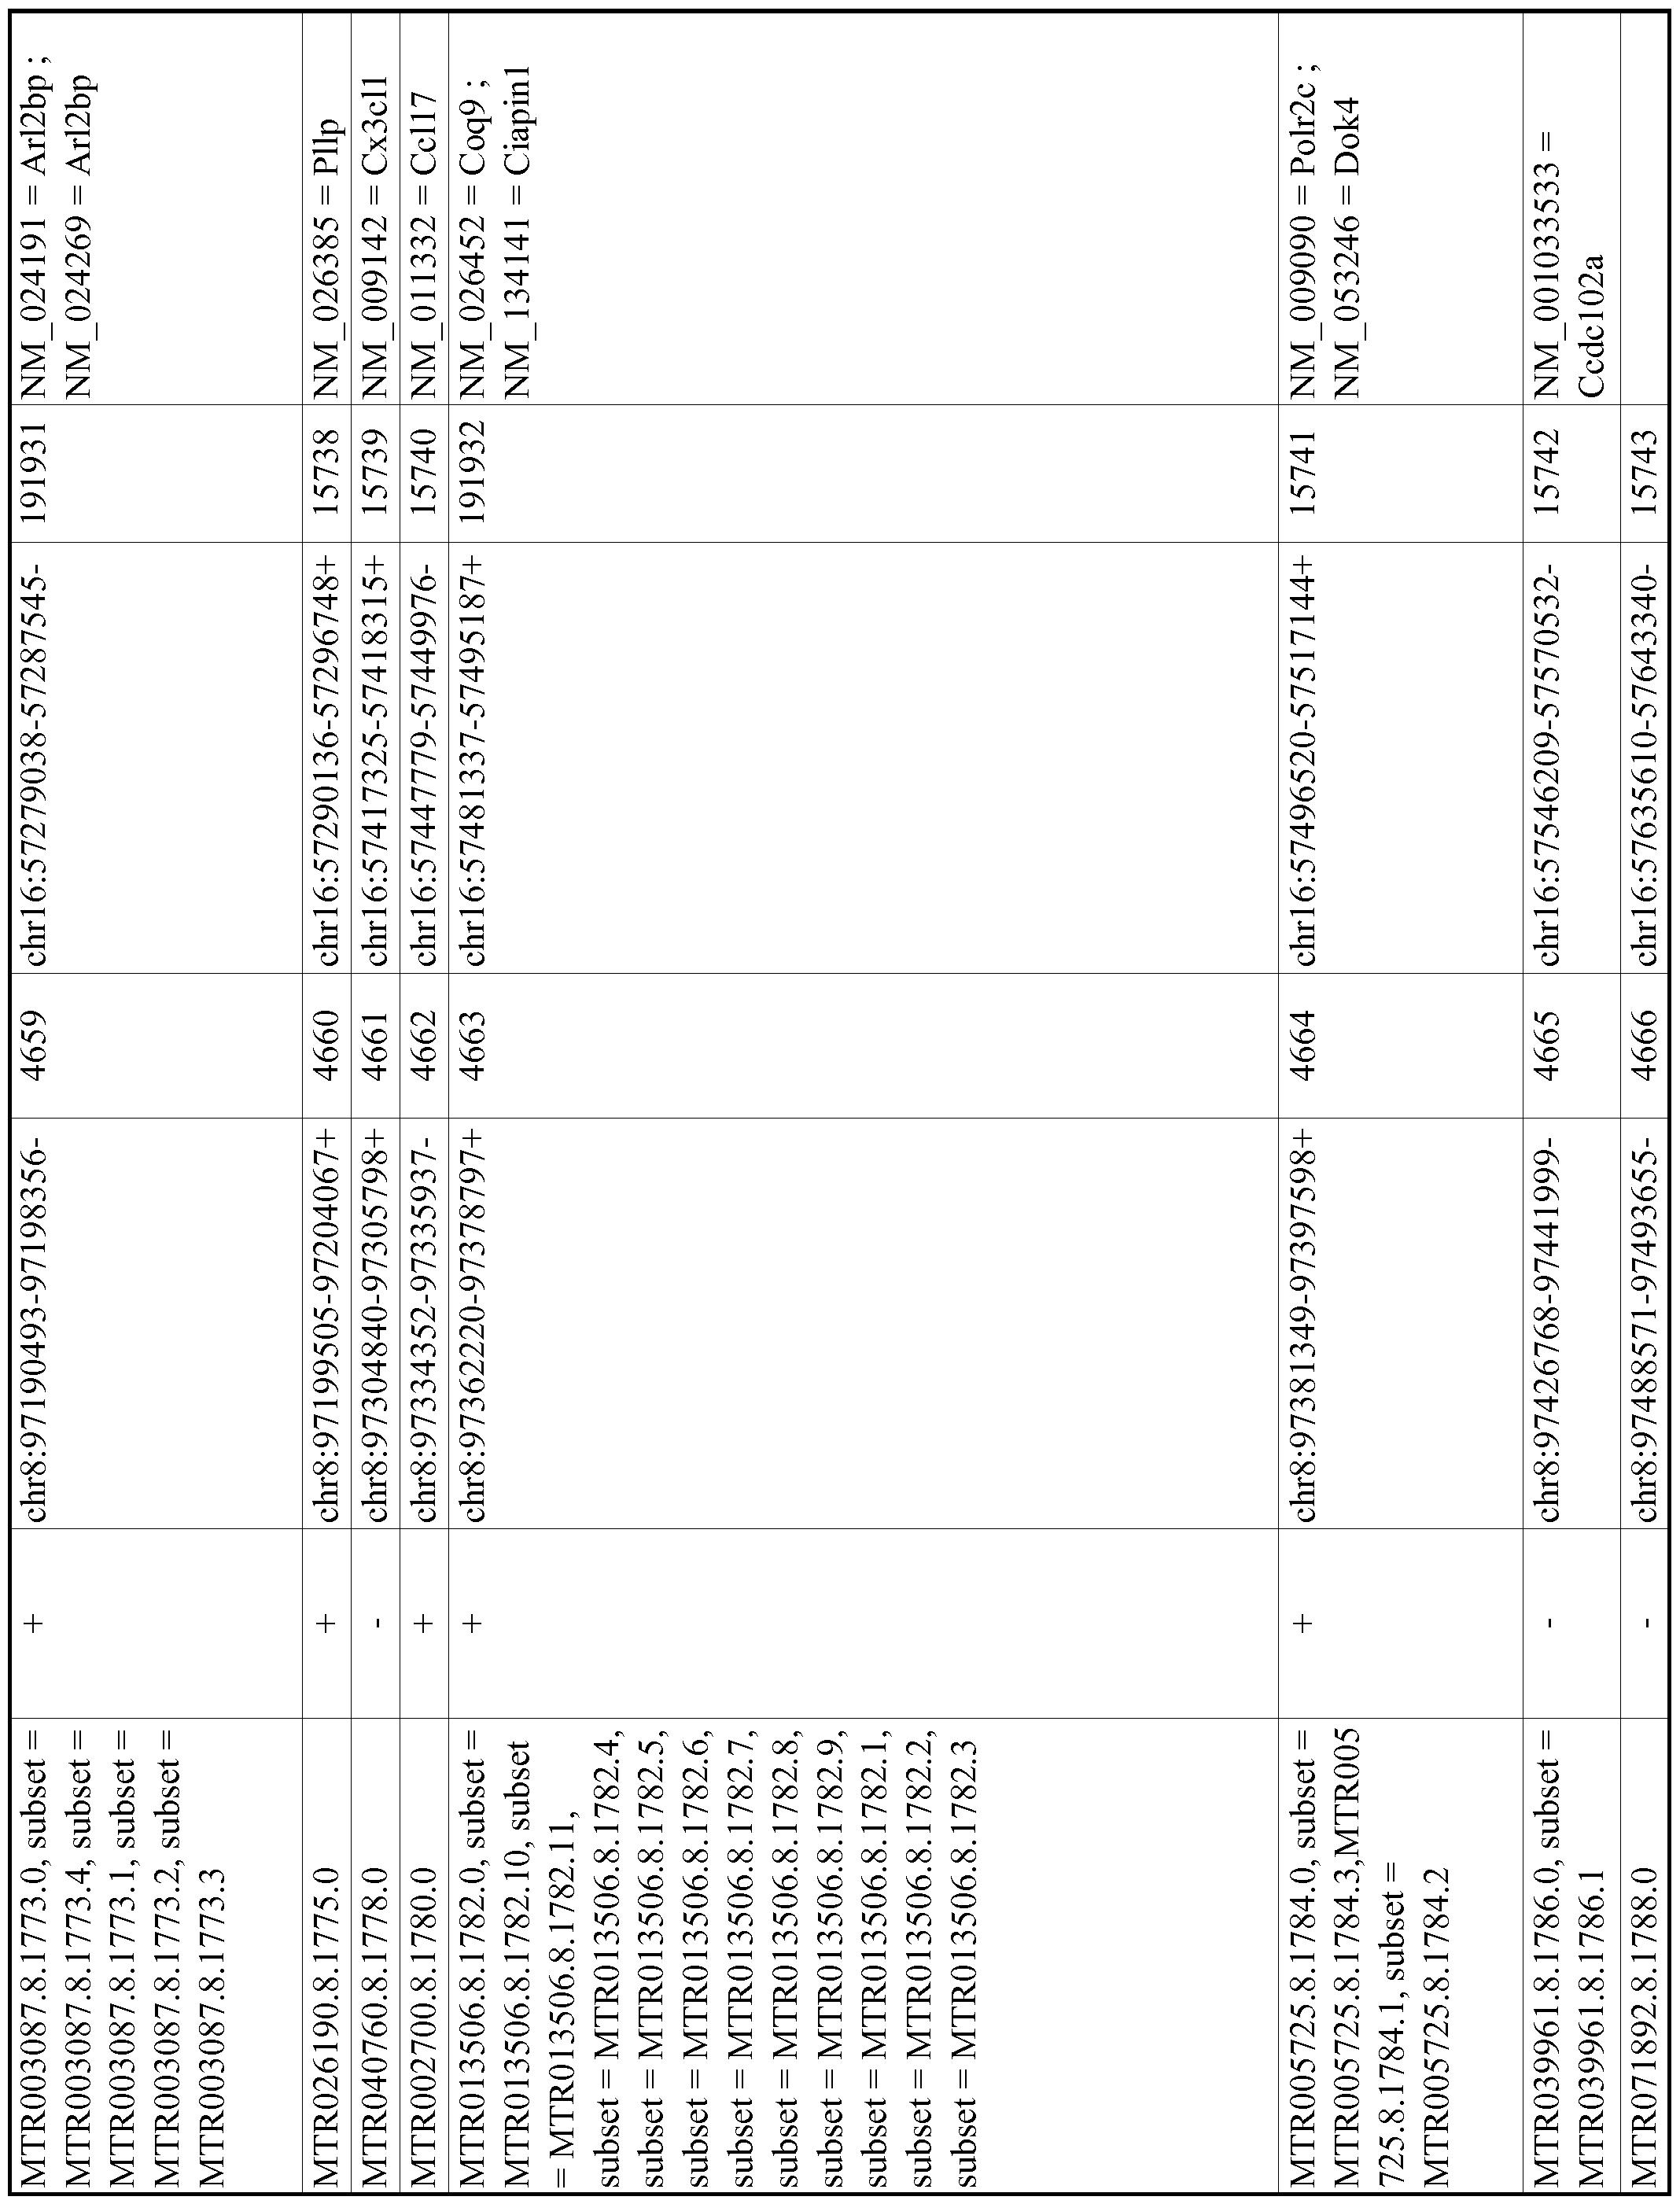 Figure imgf000865_0001